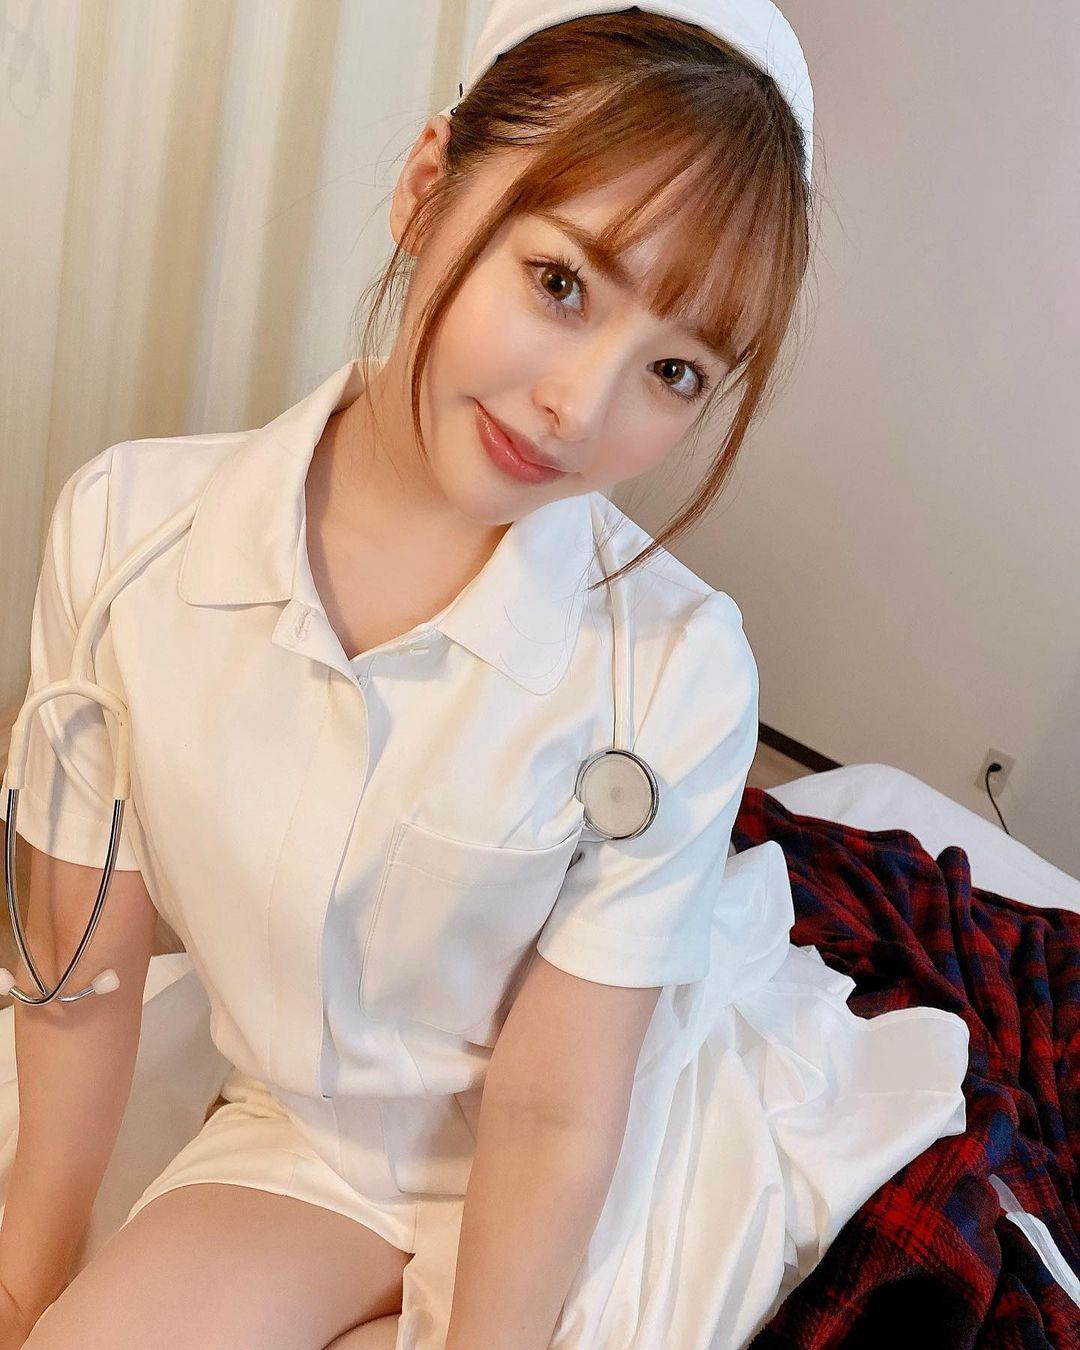 STARS-325  小仓由菜最美女私人教练